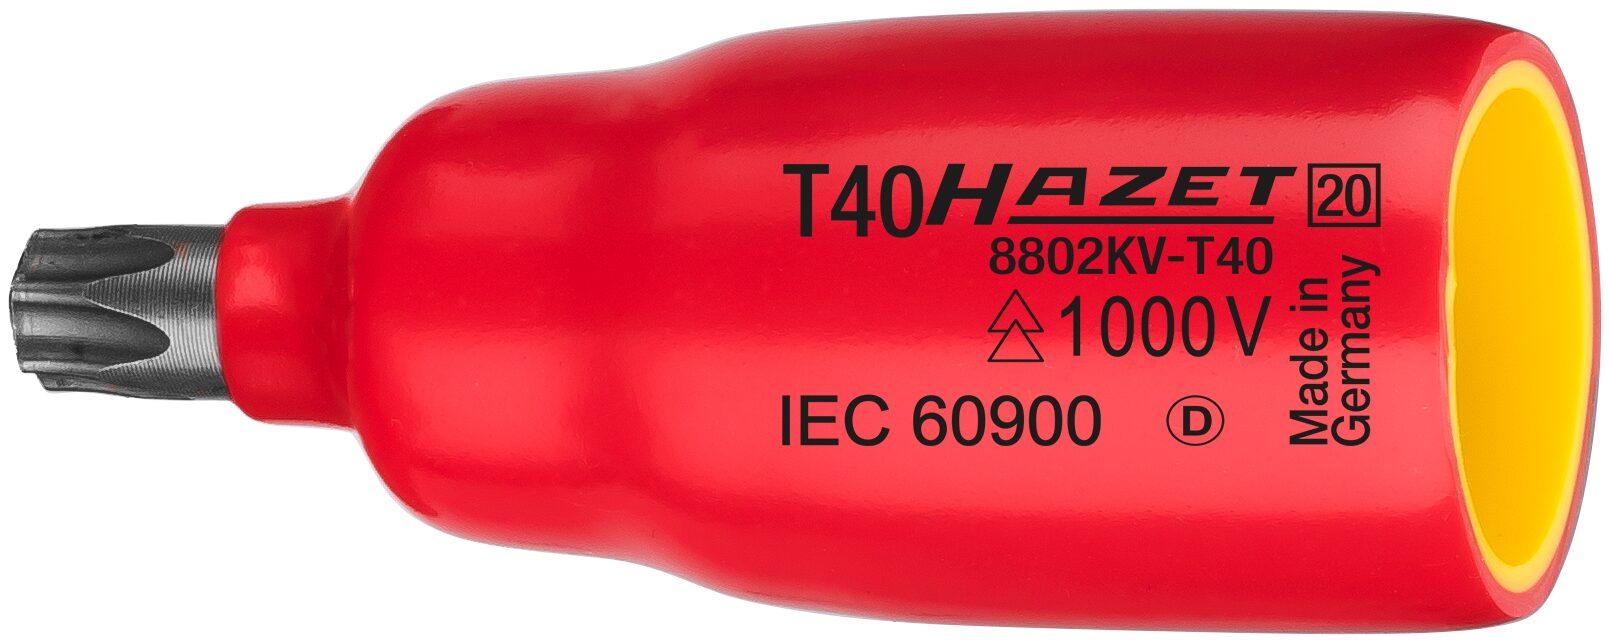 HAZET Schraubendreher-Steckschlüsseleinsatz 8802KV-T30 ∙ Vierkant hohl 10 mm (3/8 Zoll) ∙ Innen TORX® Profil ∙ T30